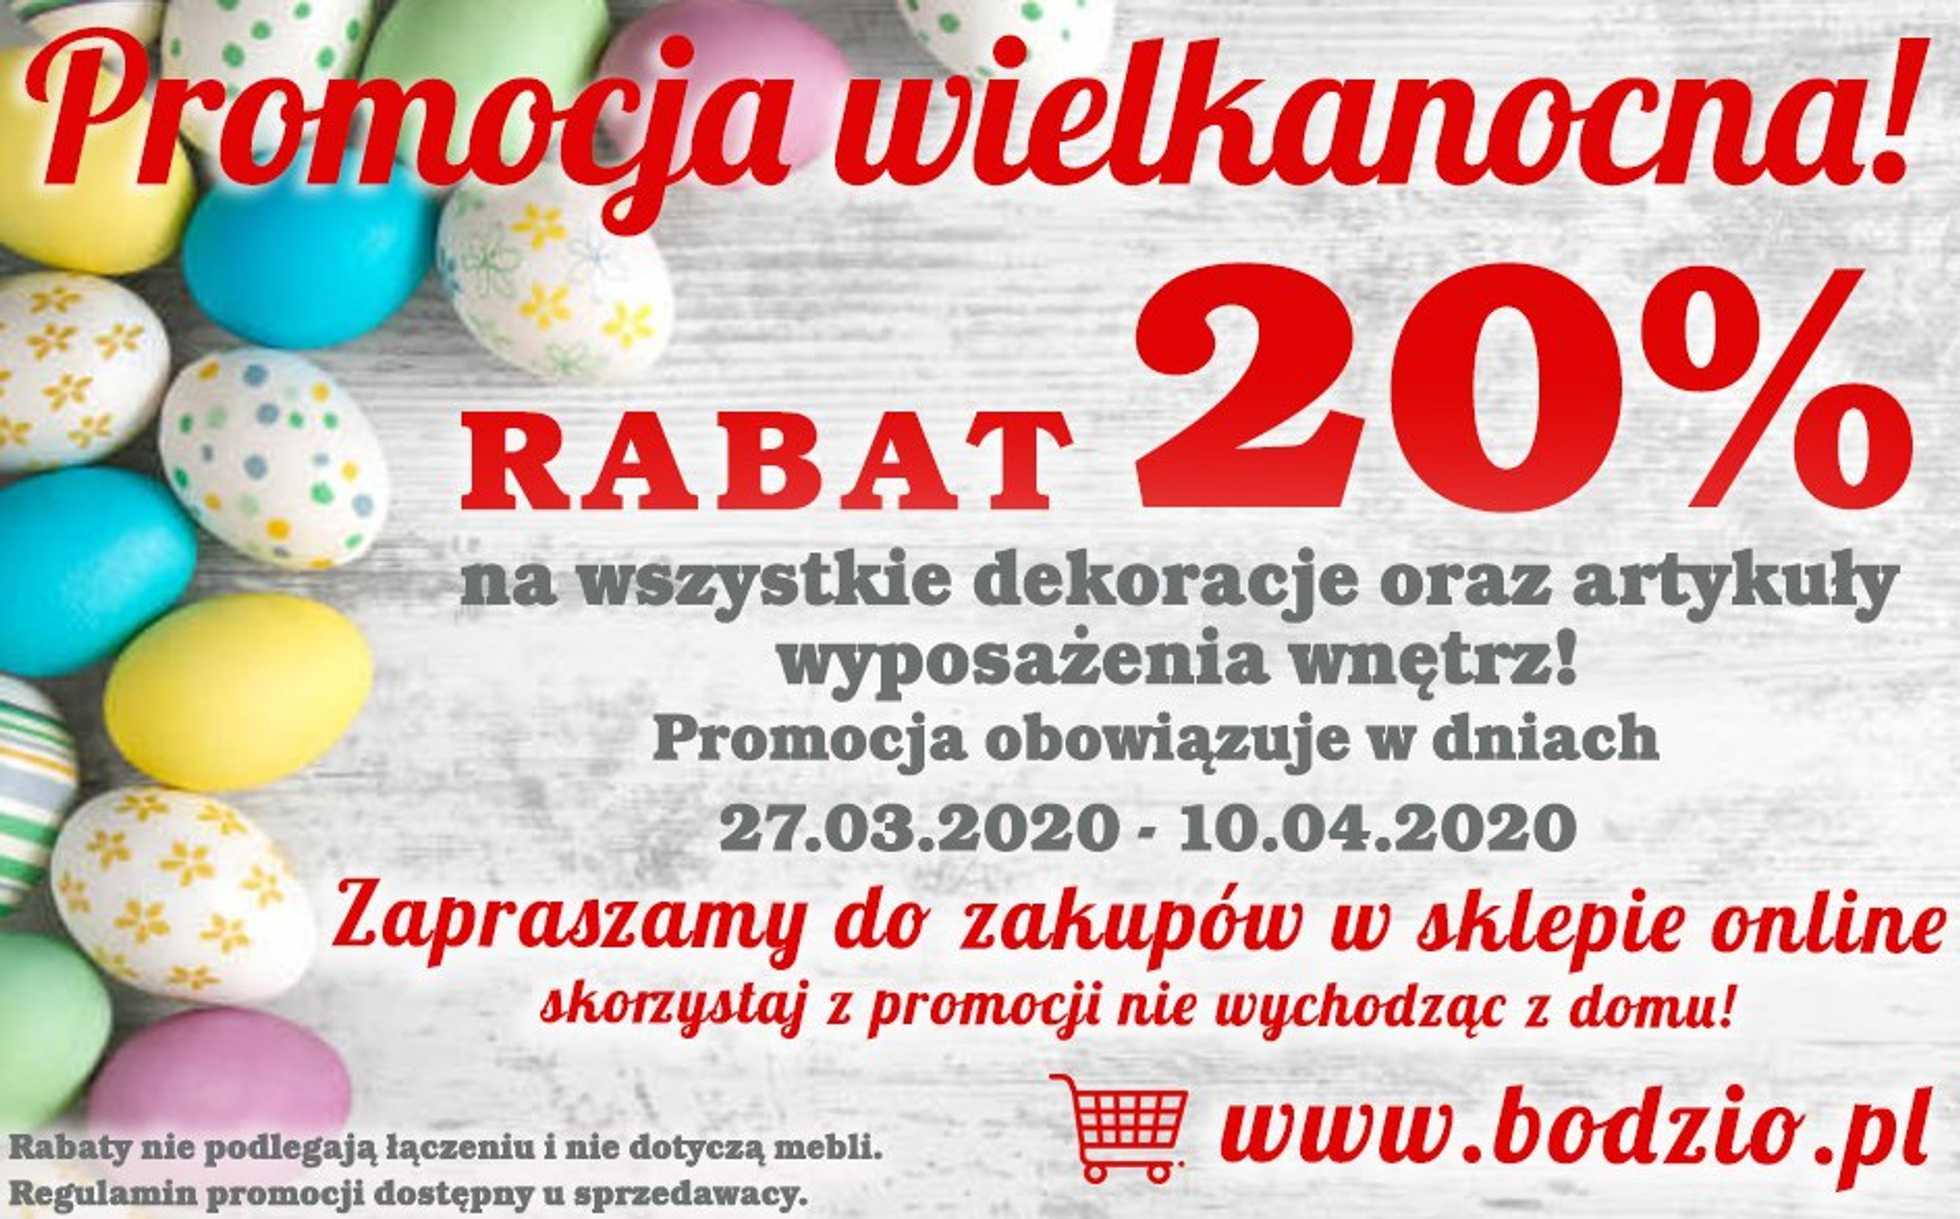 Bodzio - gazetka promocyjna ważna od 27.03.2020 do 10.04.2020 - strona 1.